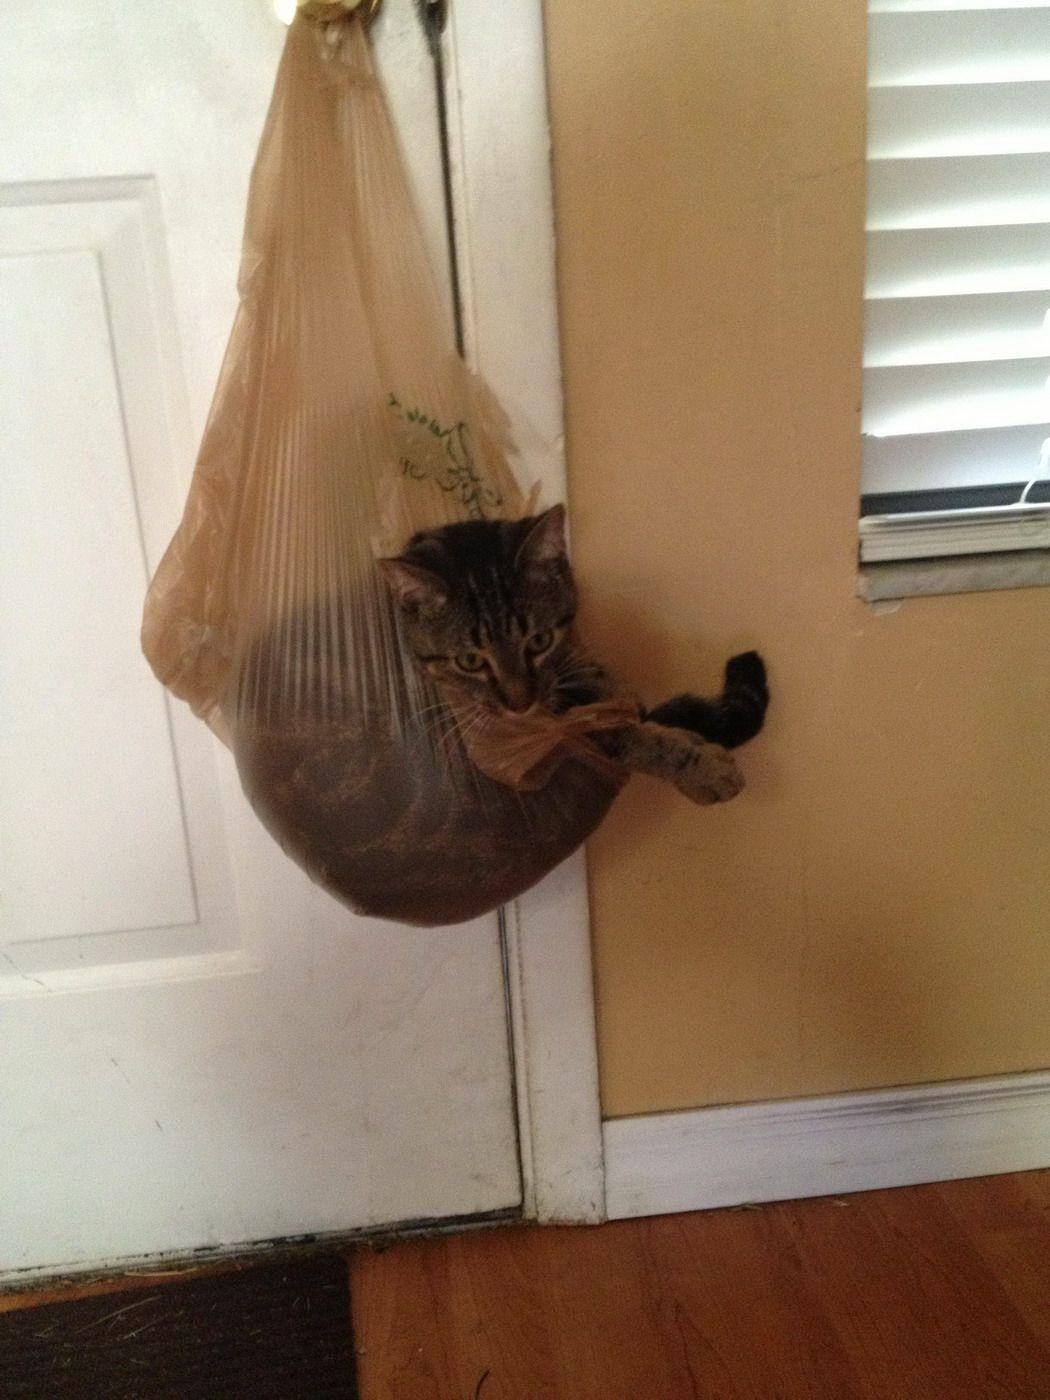 I jus hangin' round